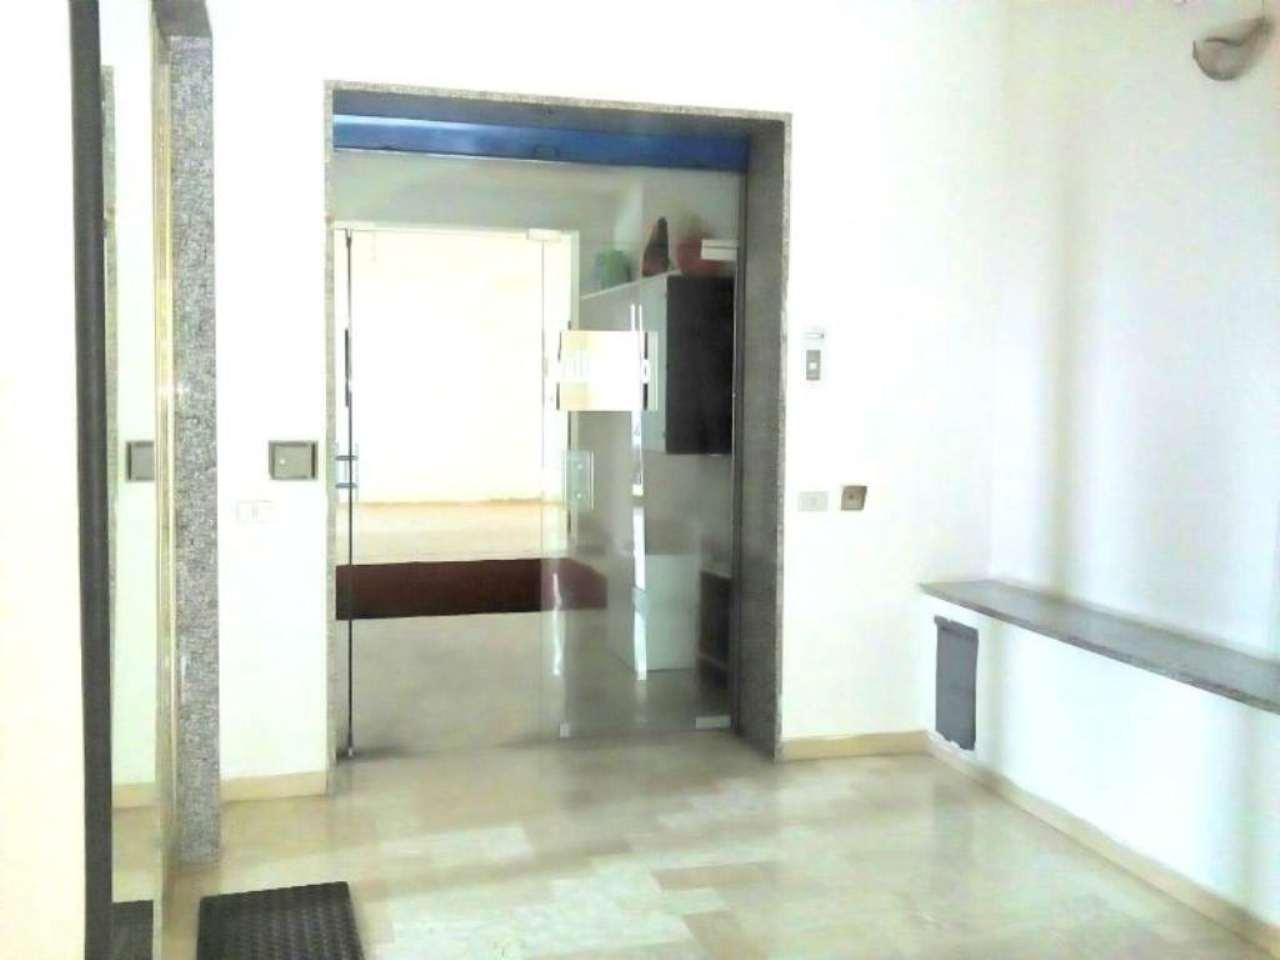 Negozio / Locale in affitto a Santa Maria a Vico, 1 locali, prezzo € 400 | Cambio Casa.it